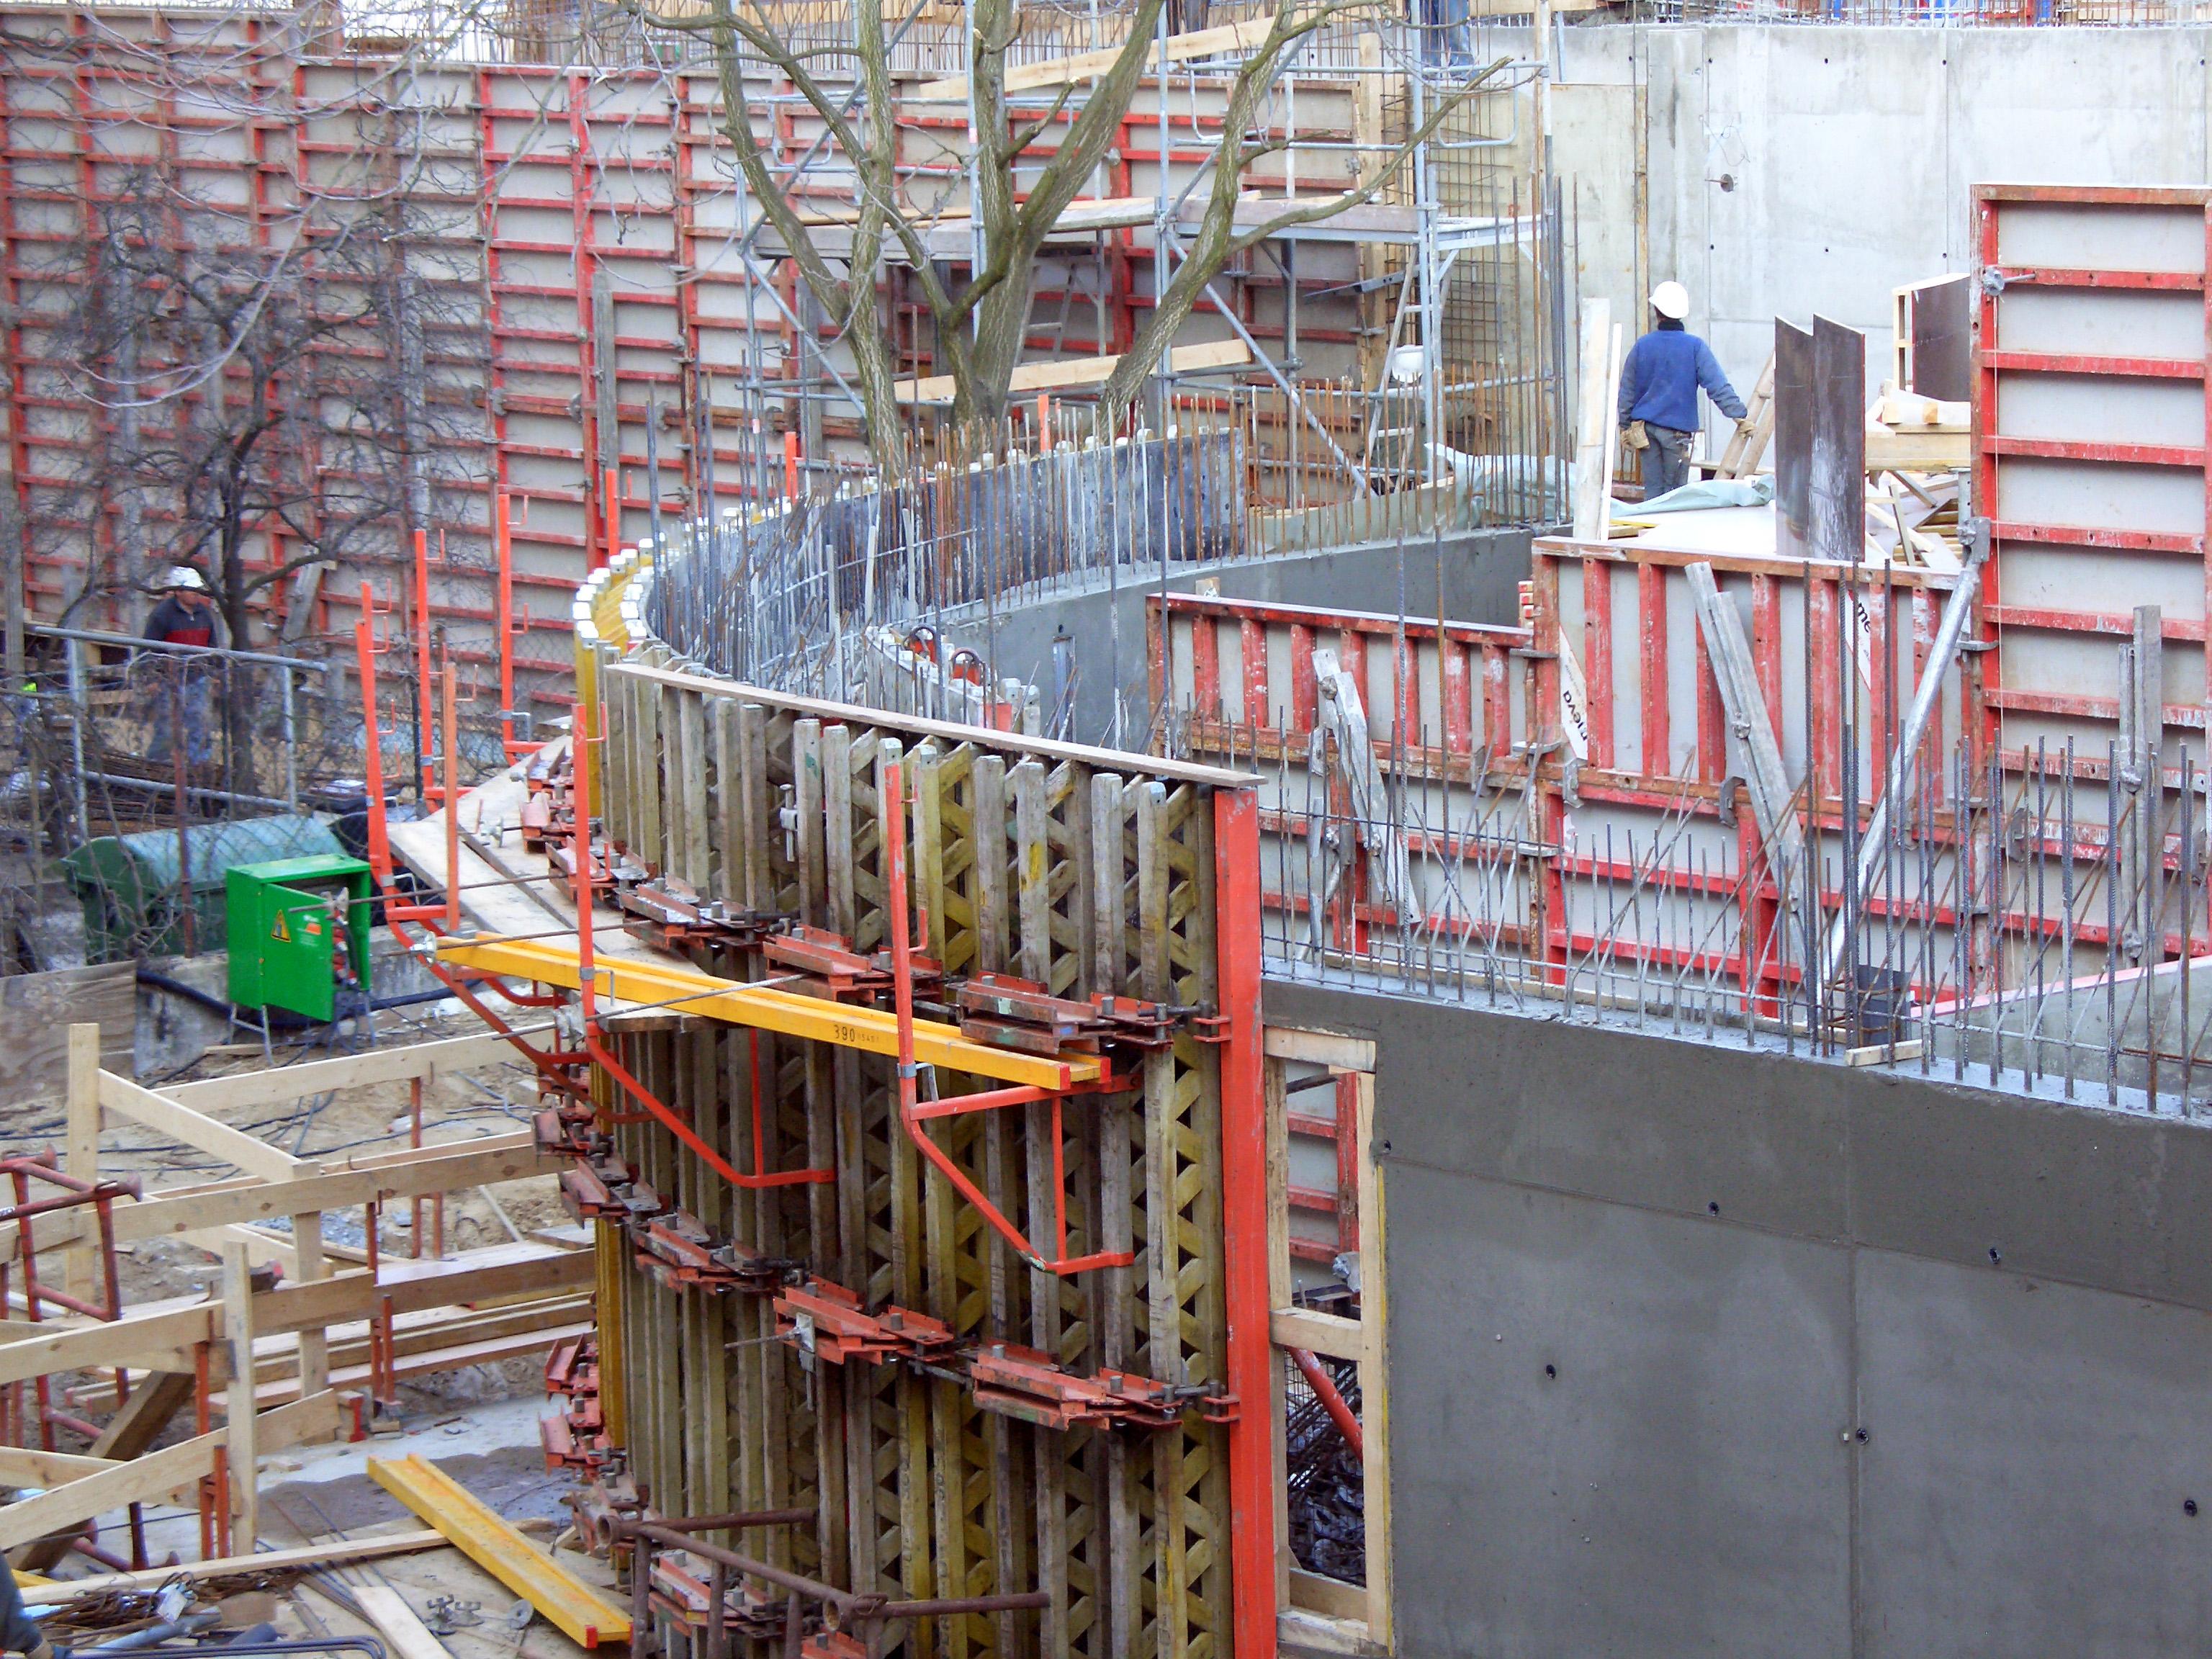 Ein Großprojekt entsteht (Foto: Mr. Monk / aboutpixel.de)